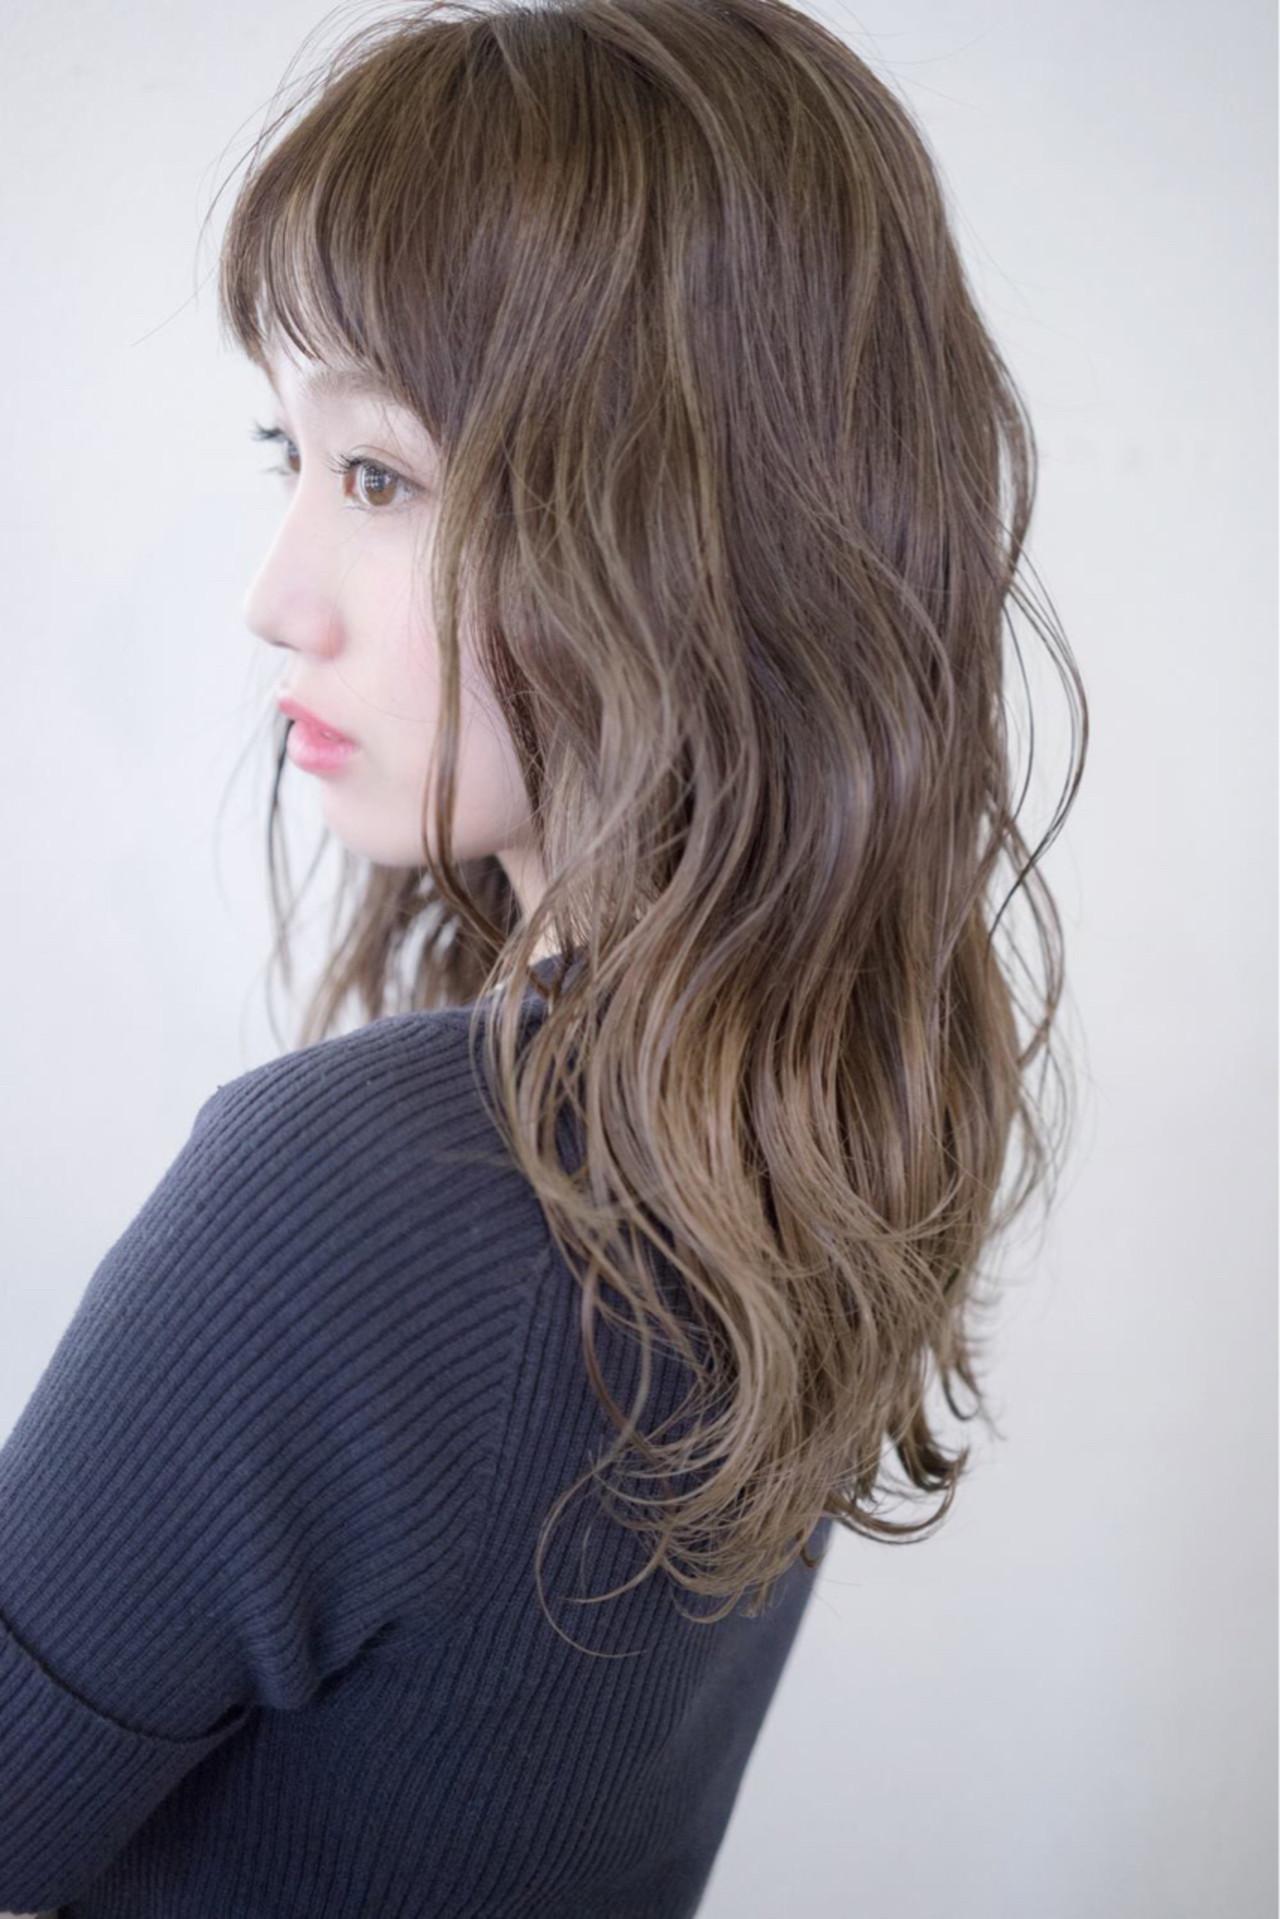 ナチュラル 冬 外国人風 ミディアム ヘアスタイルや髪型の写真・画像